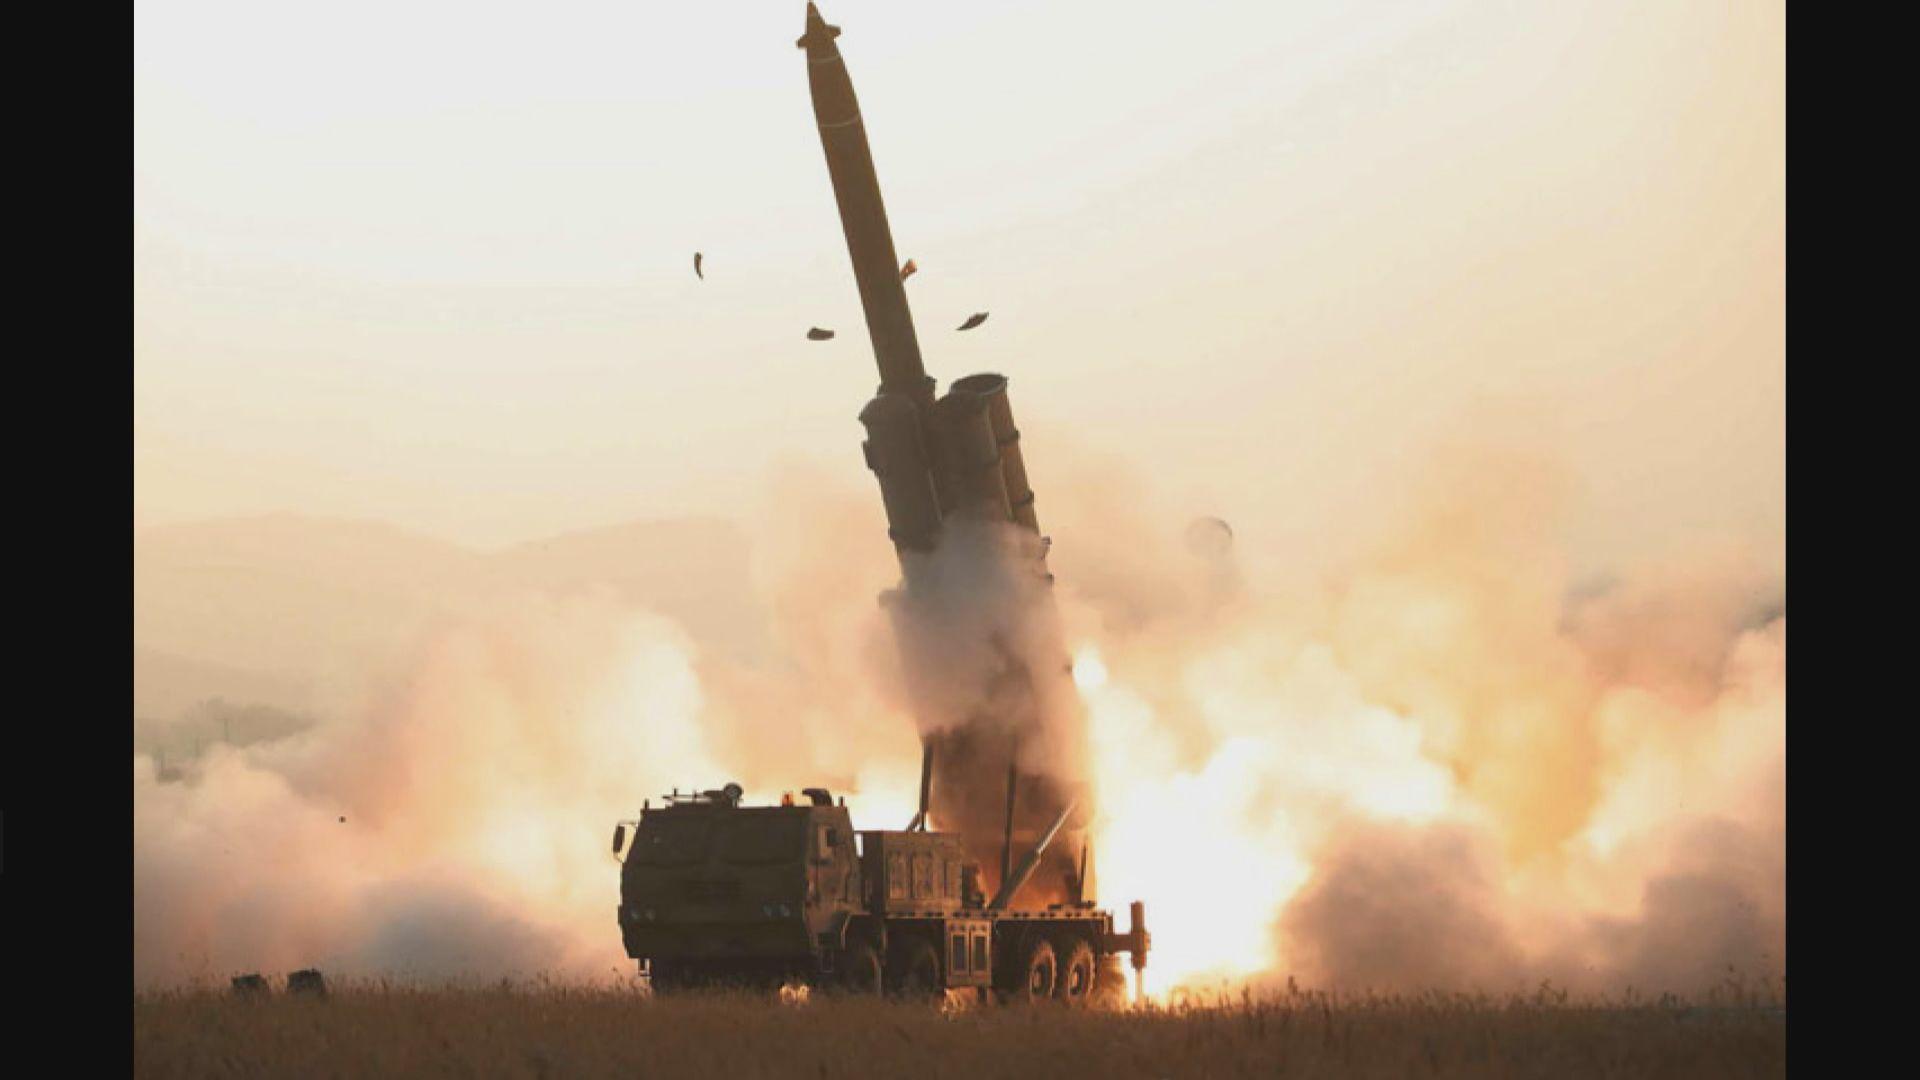 北韓試射超大型火箭炮 分析指提醒美國核談判期限年底屆滿